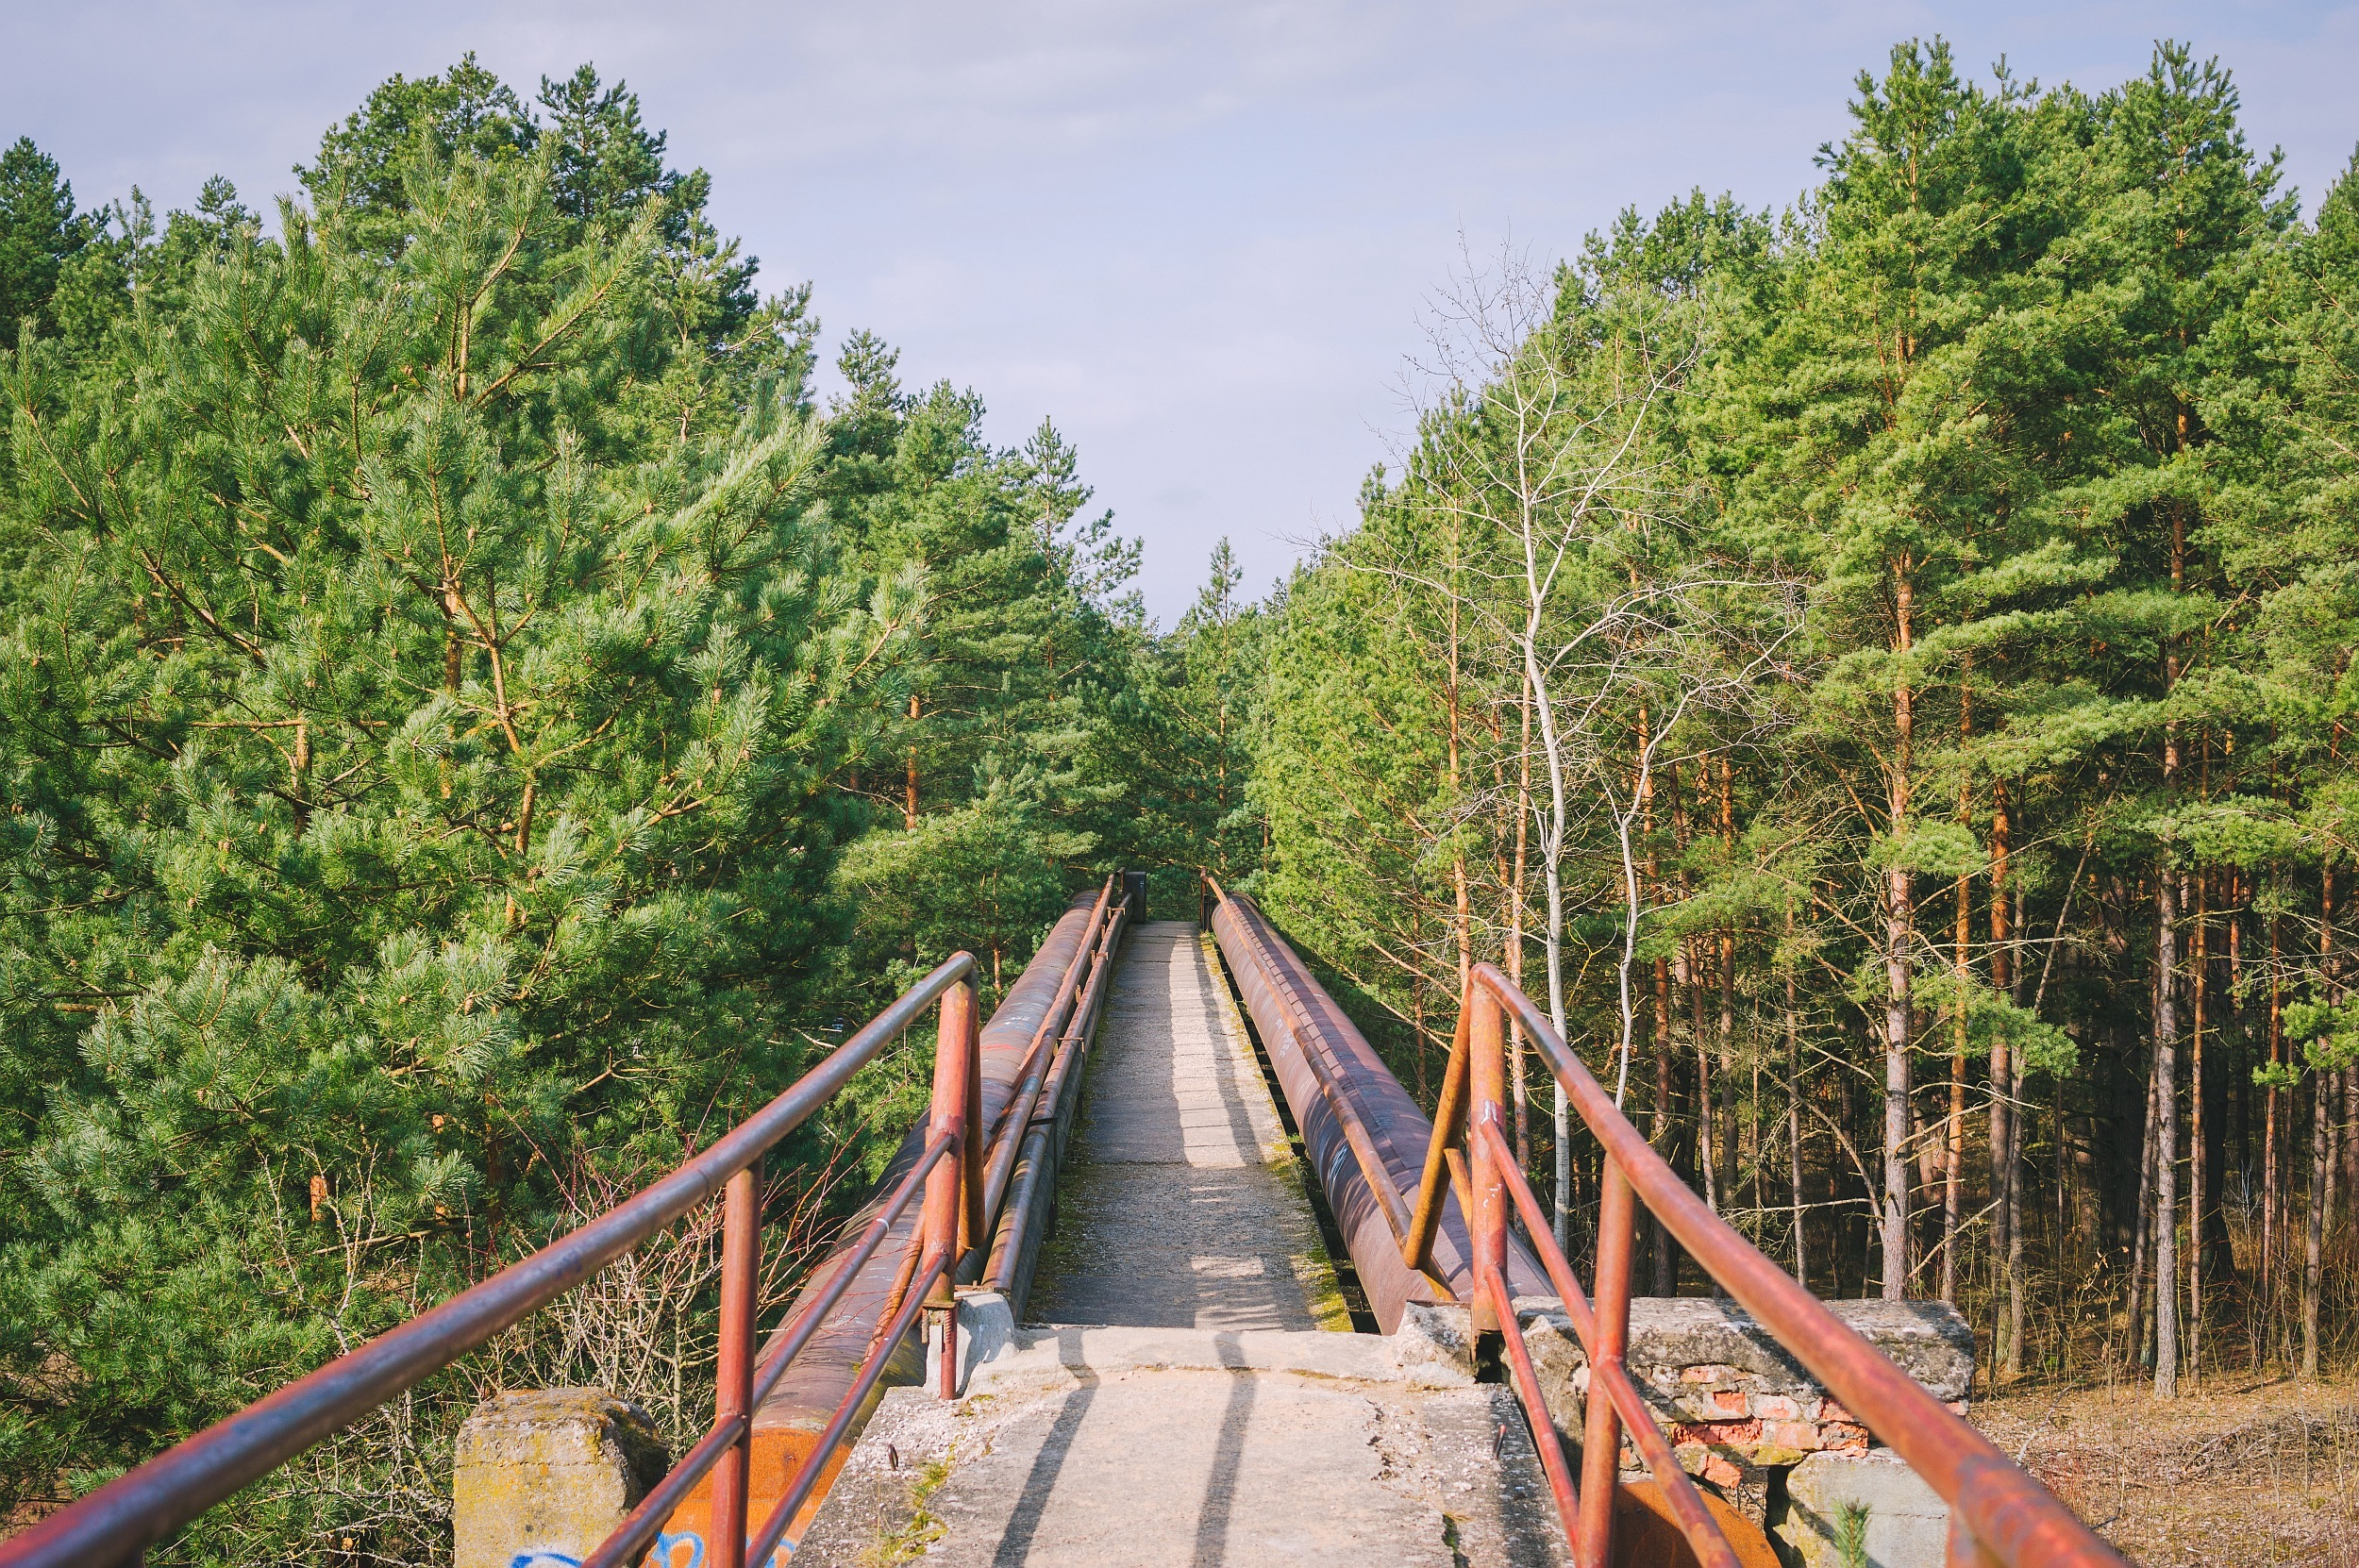 Chernobyl movie bridge - Vilmantas Ramonas